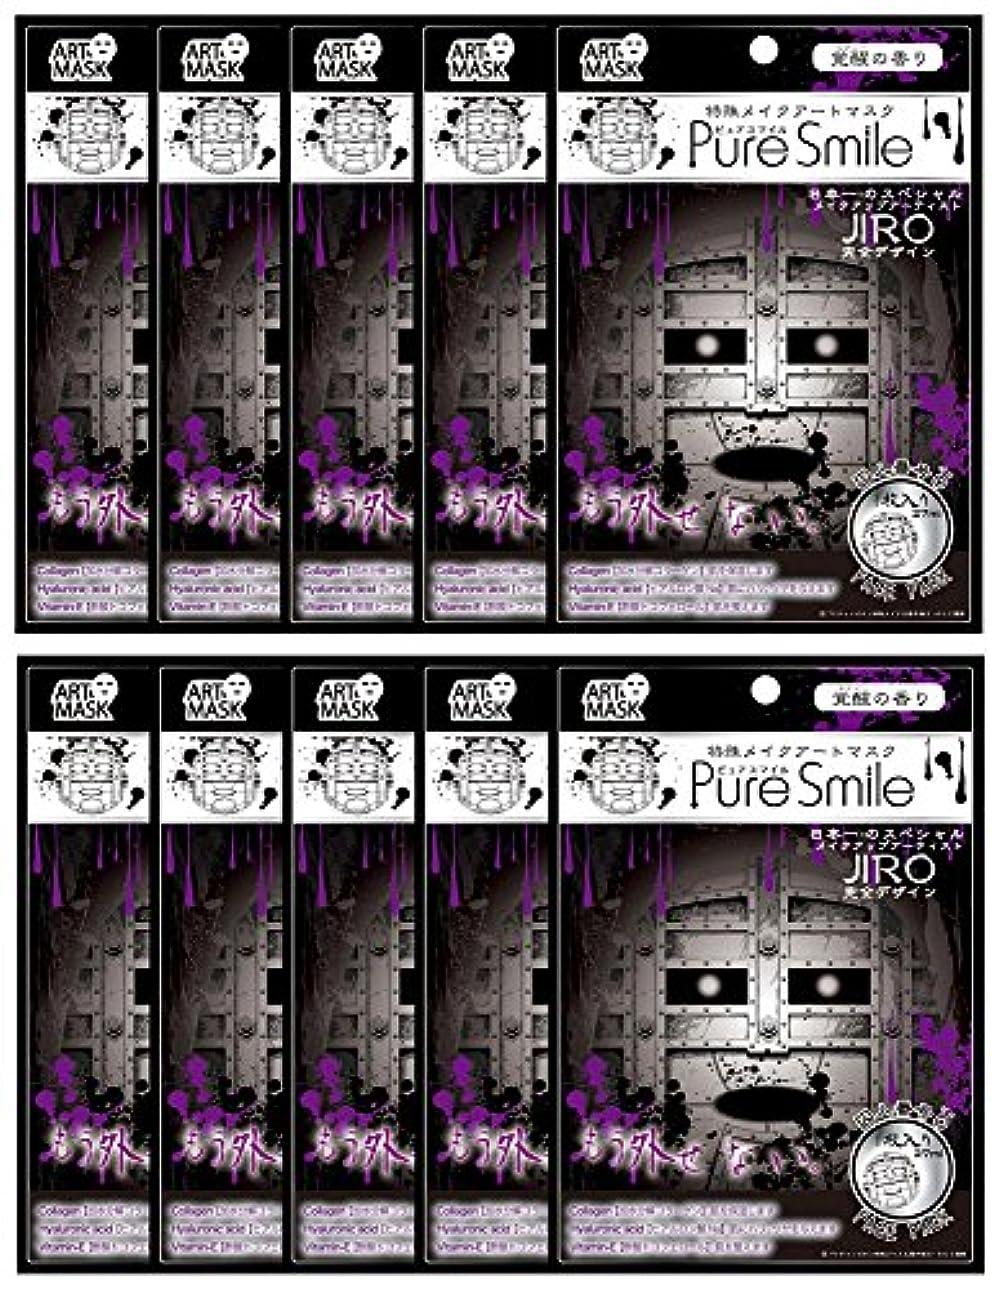 不誠実容疑者エゴマニアピュアスマイル 特殊メイクアートマスク 囚人番号0 ART12 1枚入 ×10セット